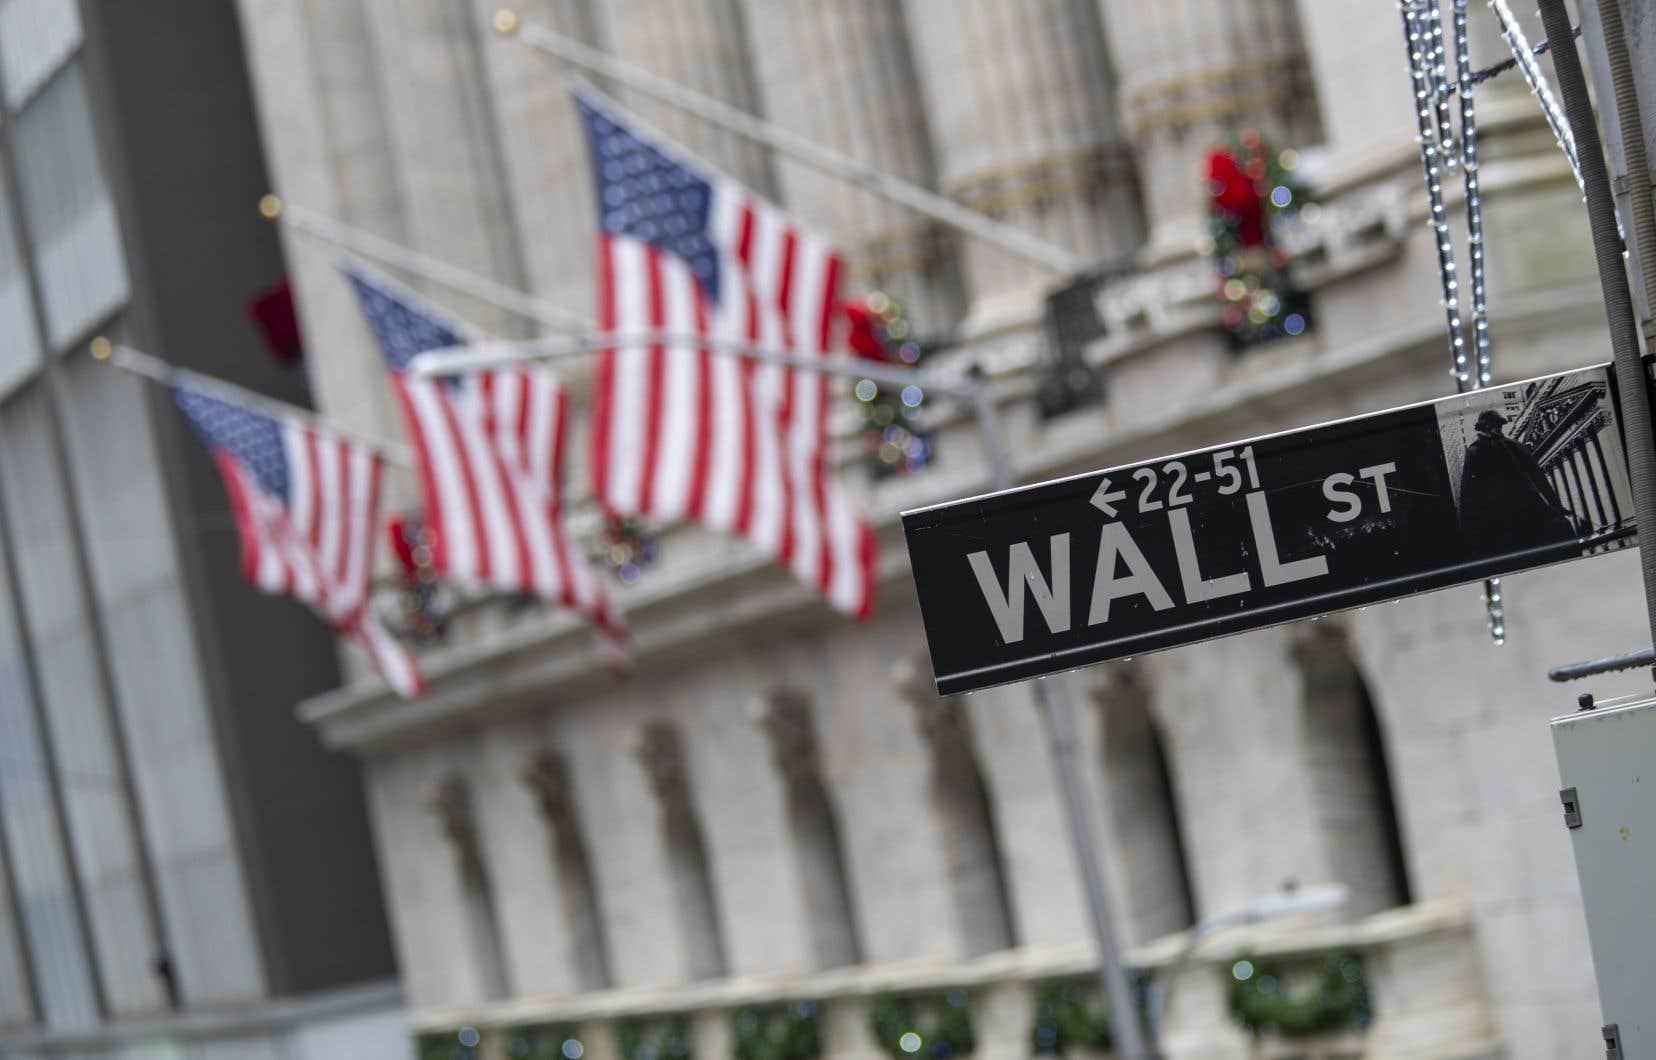 La prolongation des mesures destinées à contenir l'épidémie par le président américain, Donald Trump, dans la foulée de la promulgation d'un plan de relance sans précédent de 2200milliards de dollars pour tenter d'éviter une récession durable, a également un peu rasséréné.